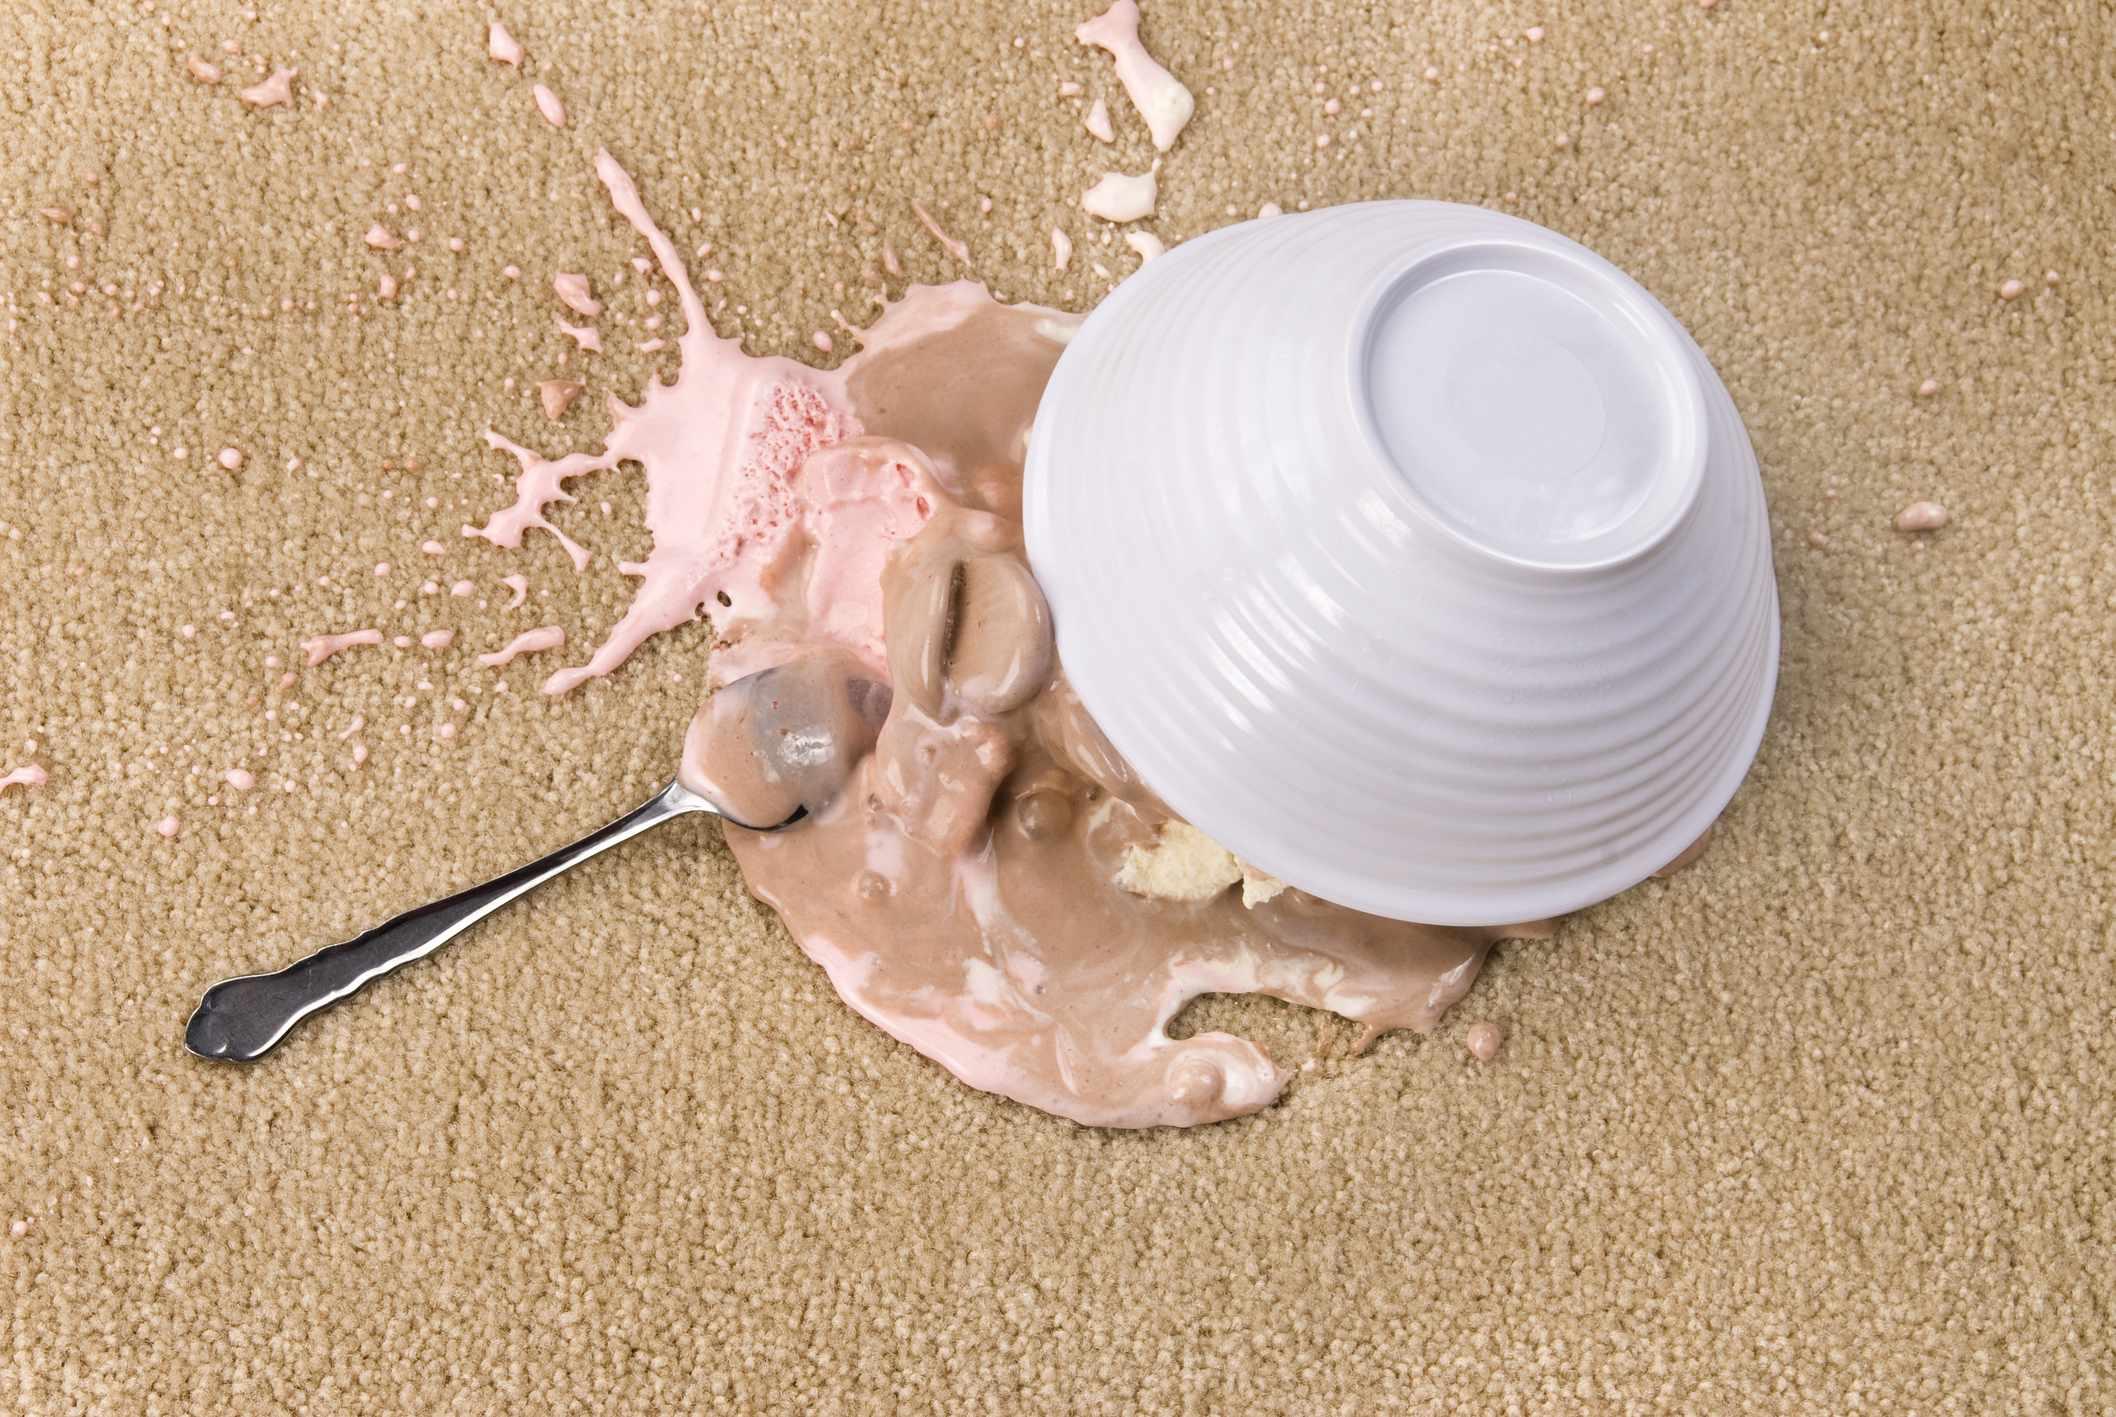 Quitar las machas de helado